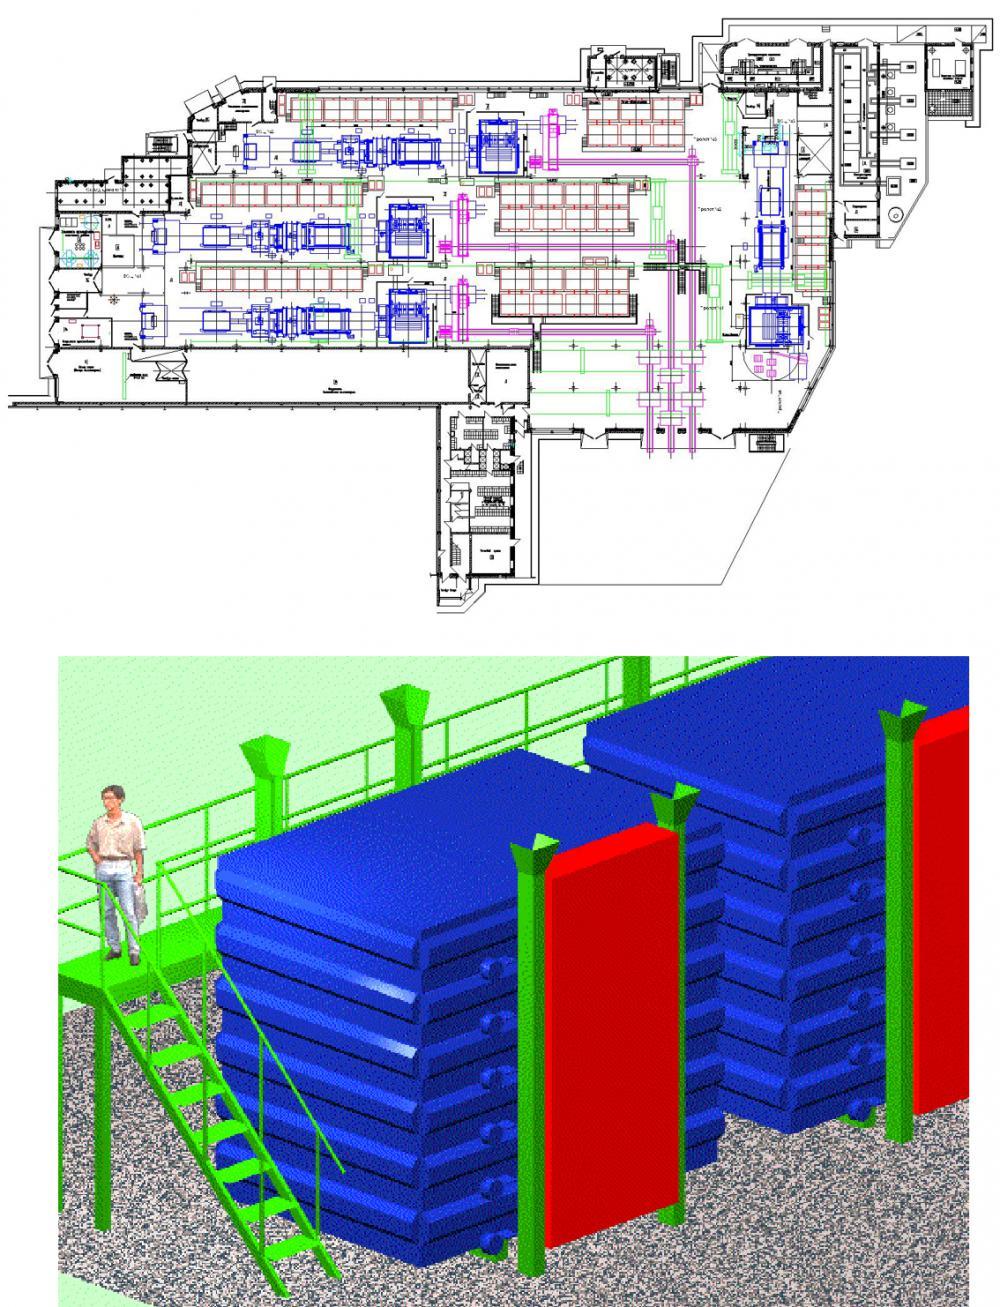 Проектирование промышленных зданий по производству полистиролбетонных блоков